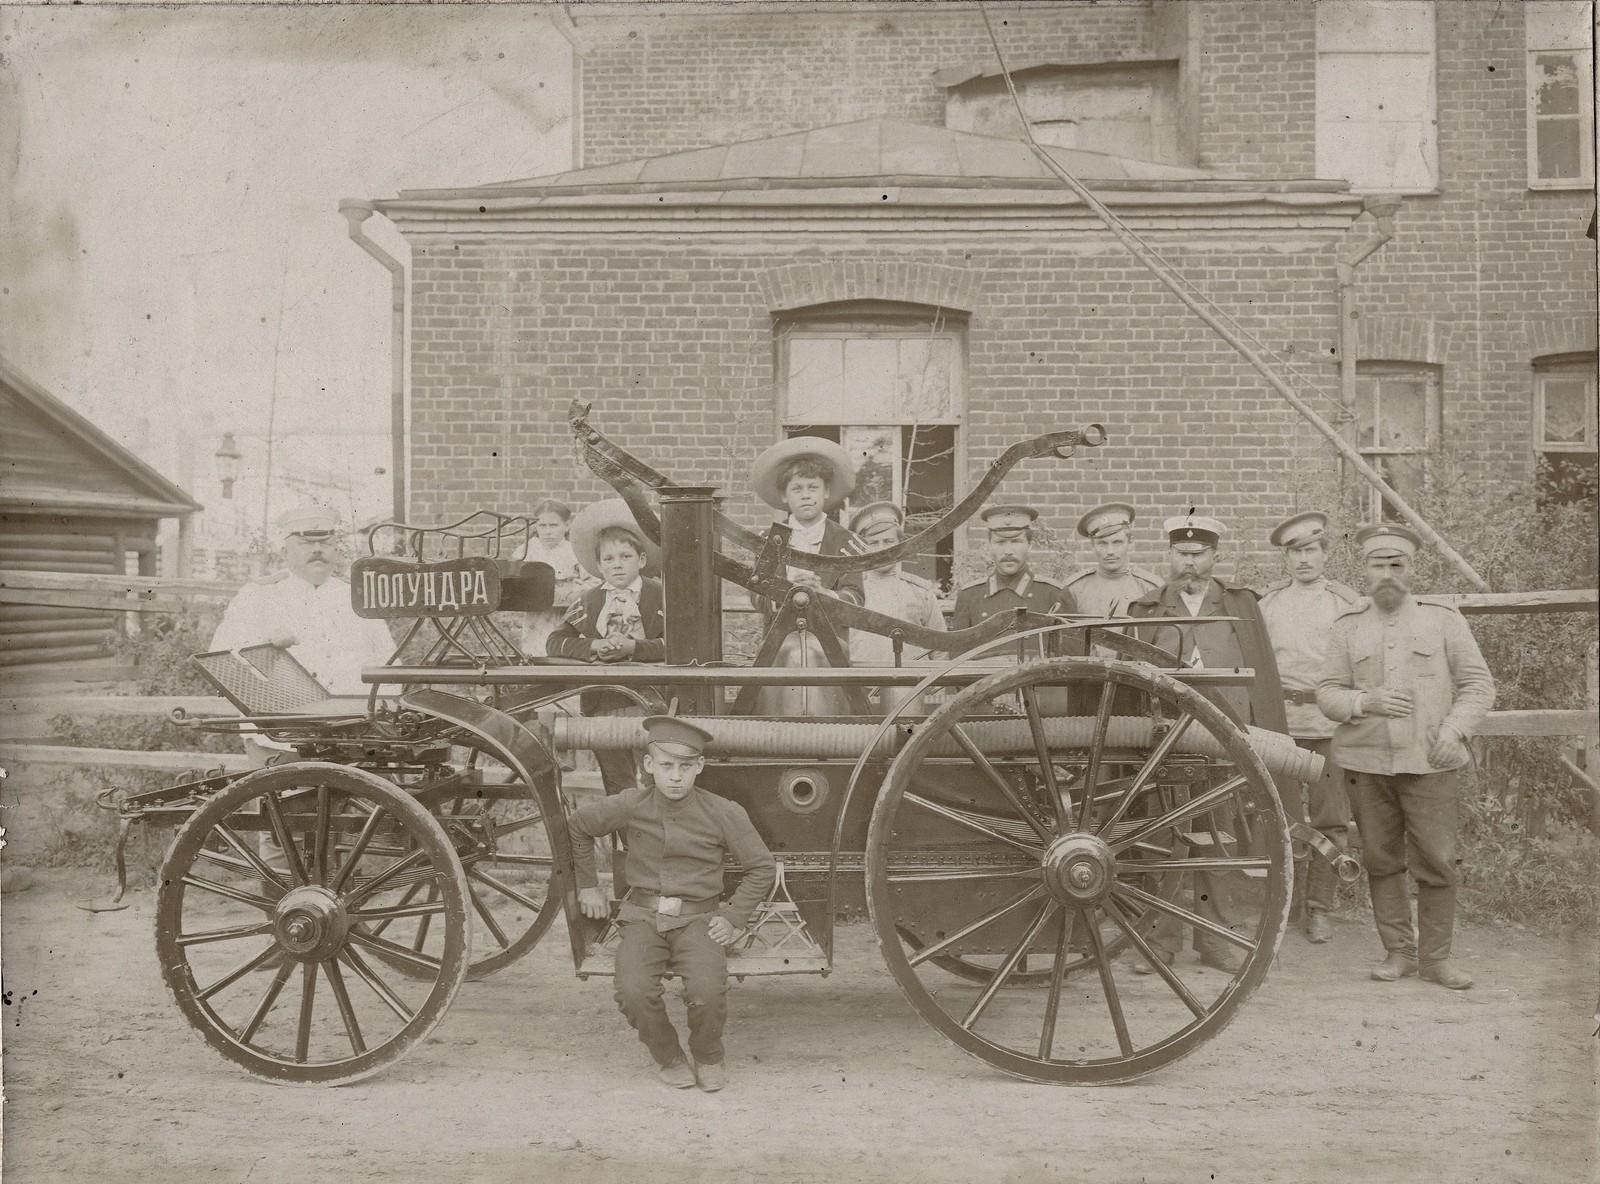 1910. Группа пожарных служителей с ручным двухцилиндровым насосом, установленным на колесном шасси пролетки